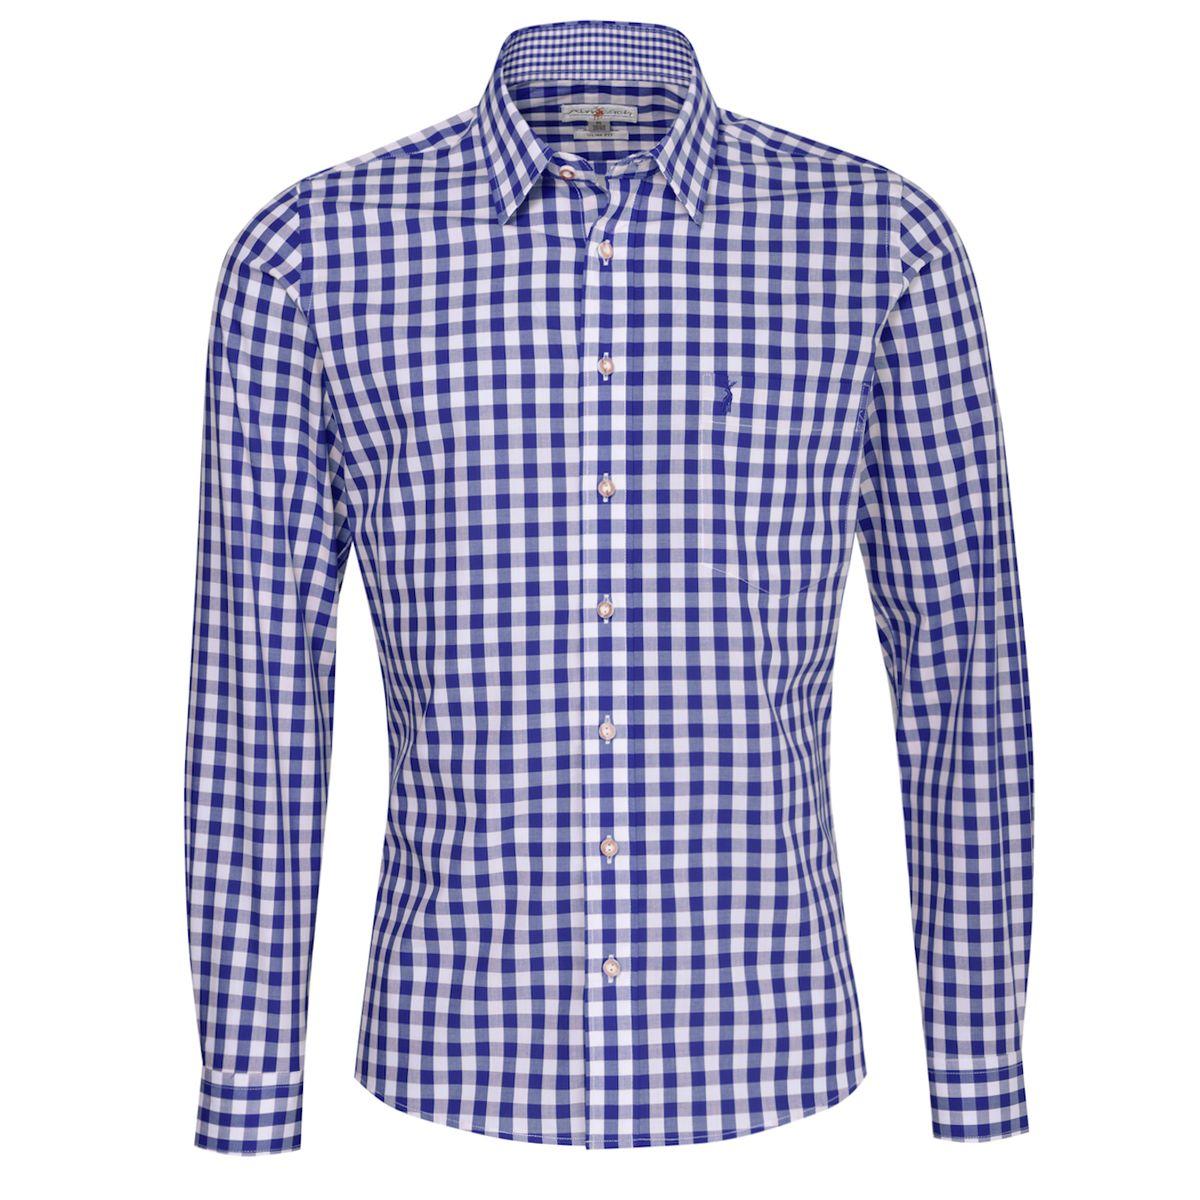 Trachtenhemd Gustel Slim Fit in Blau von Almsach günstig online kaufen